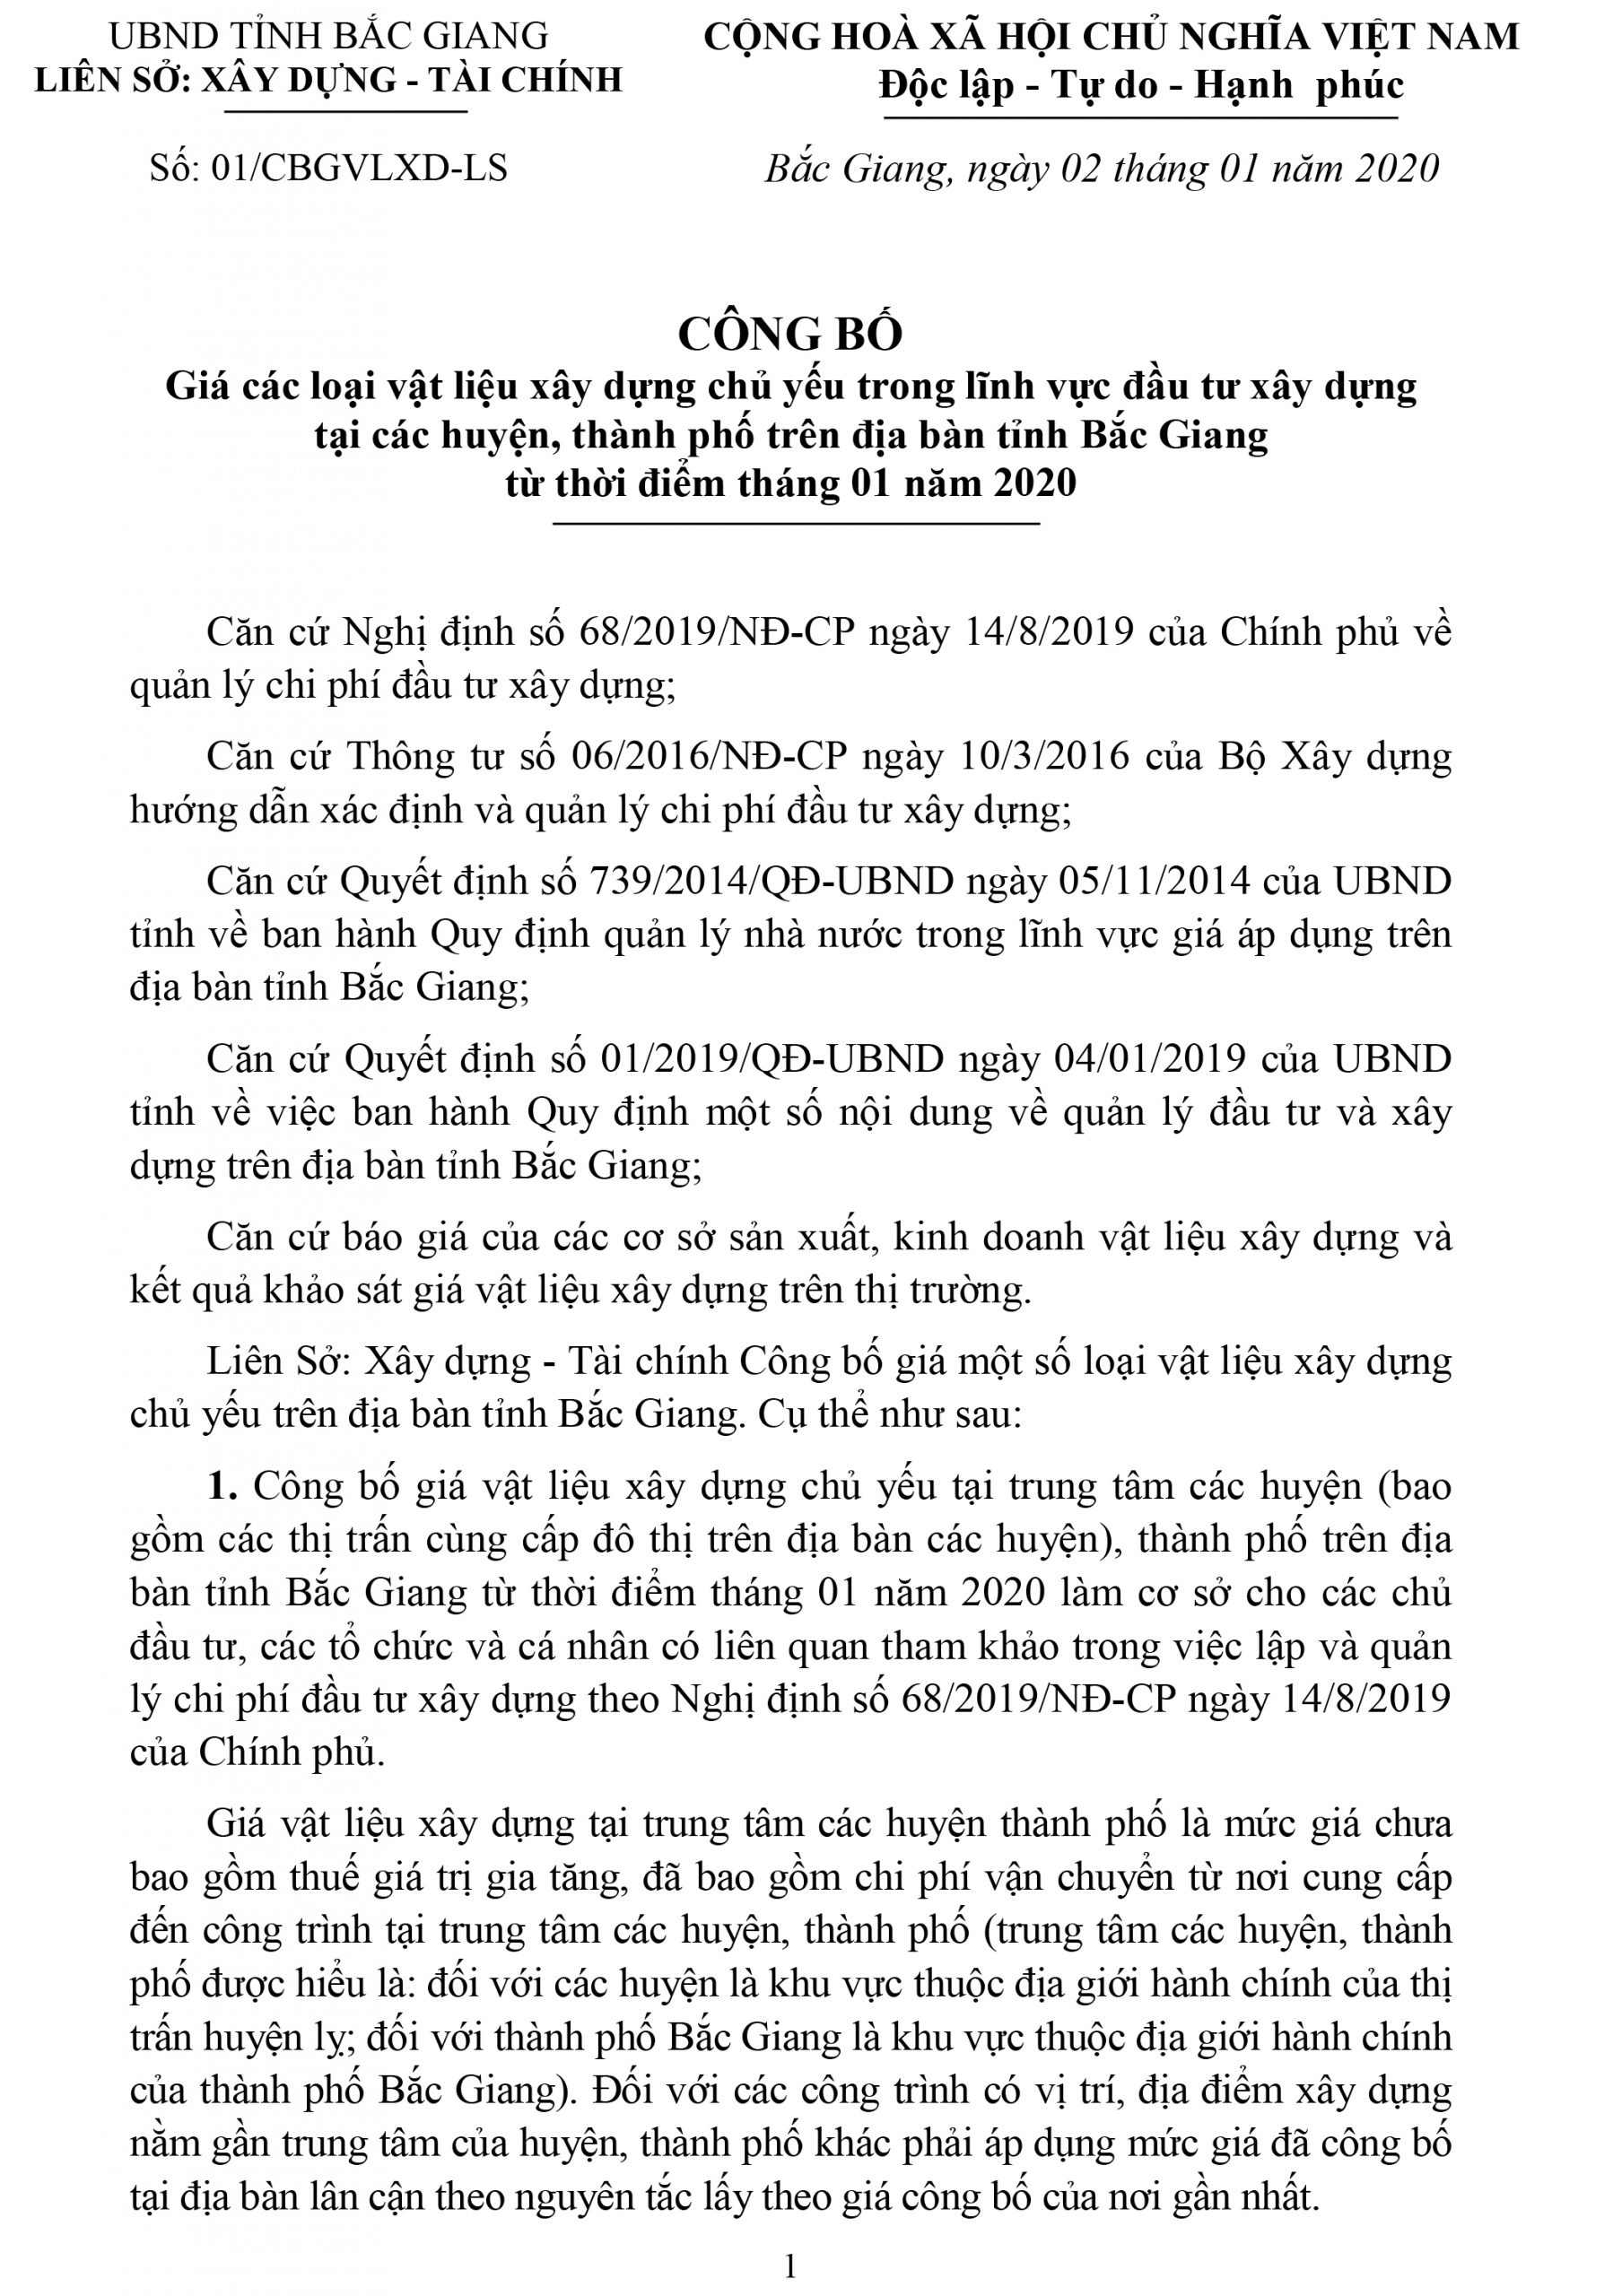 Bắc Giang Trang 1